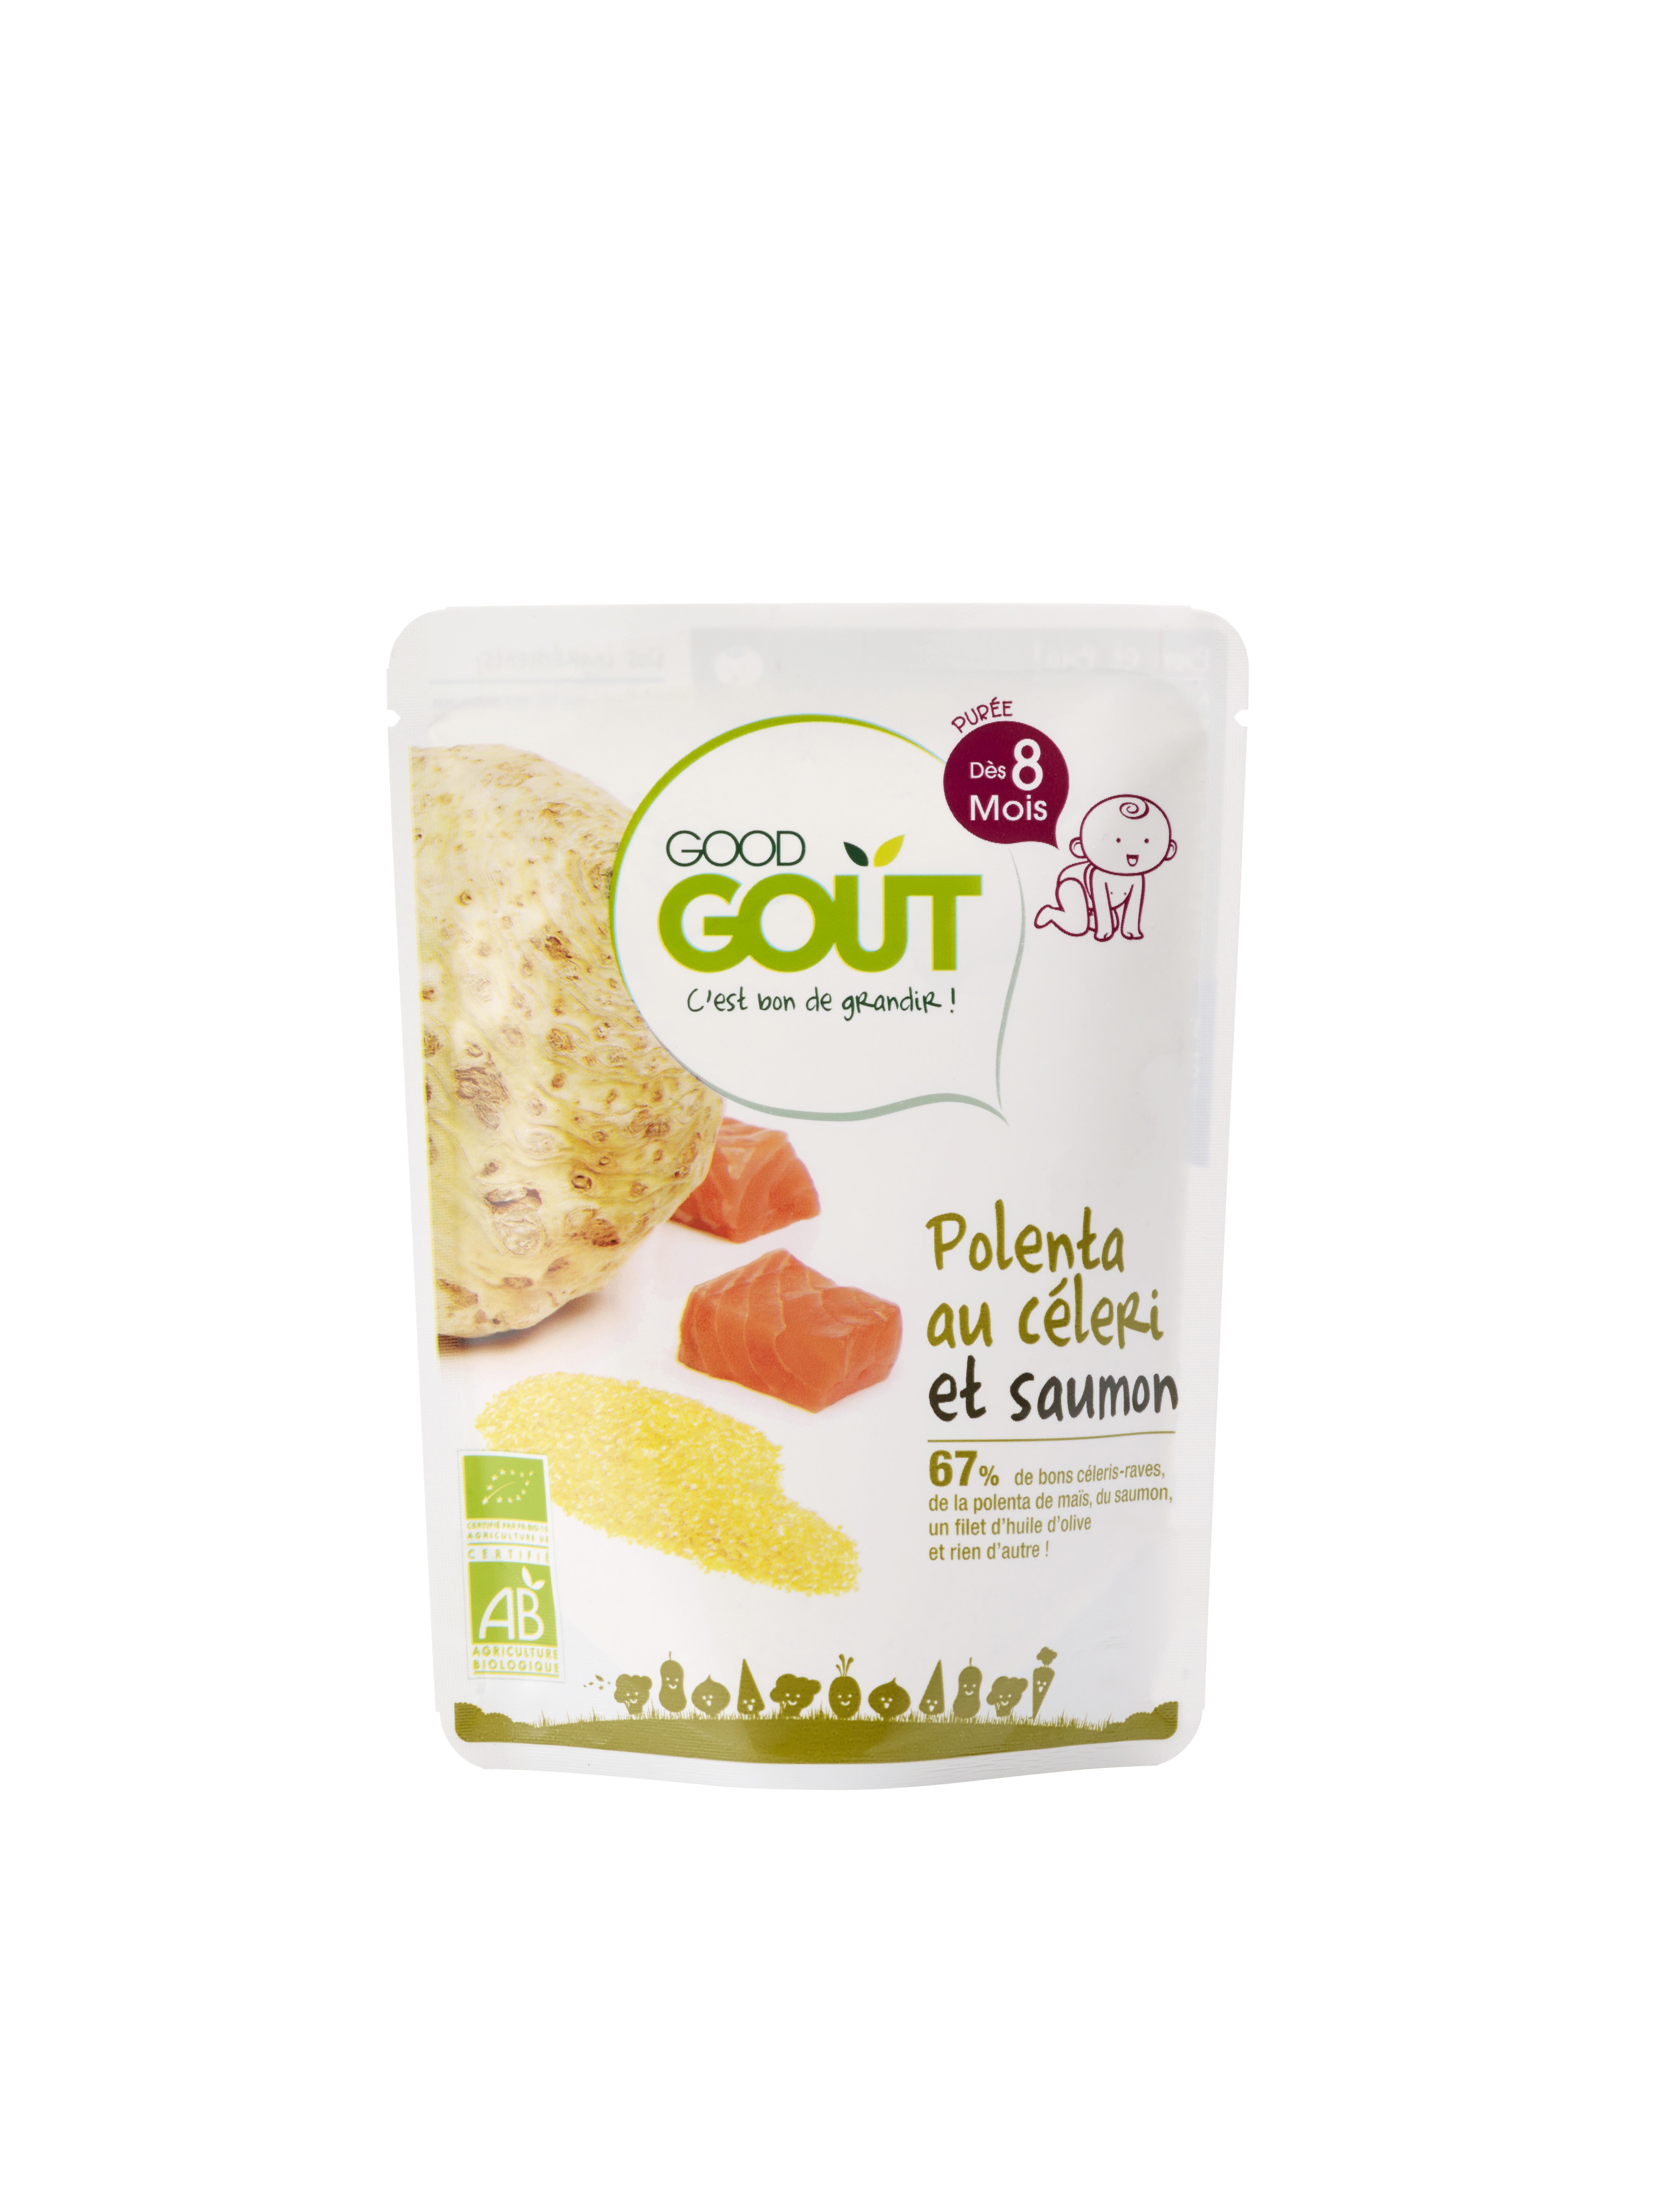 Polenta au céleri et saumon BIO, Good Goût (190 g) - dès 8 mois